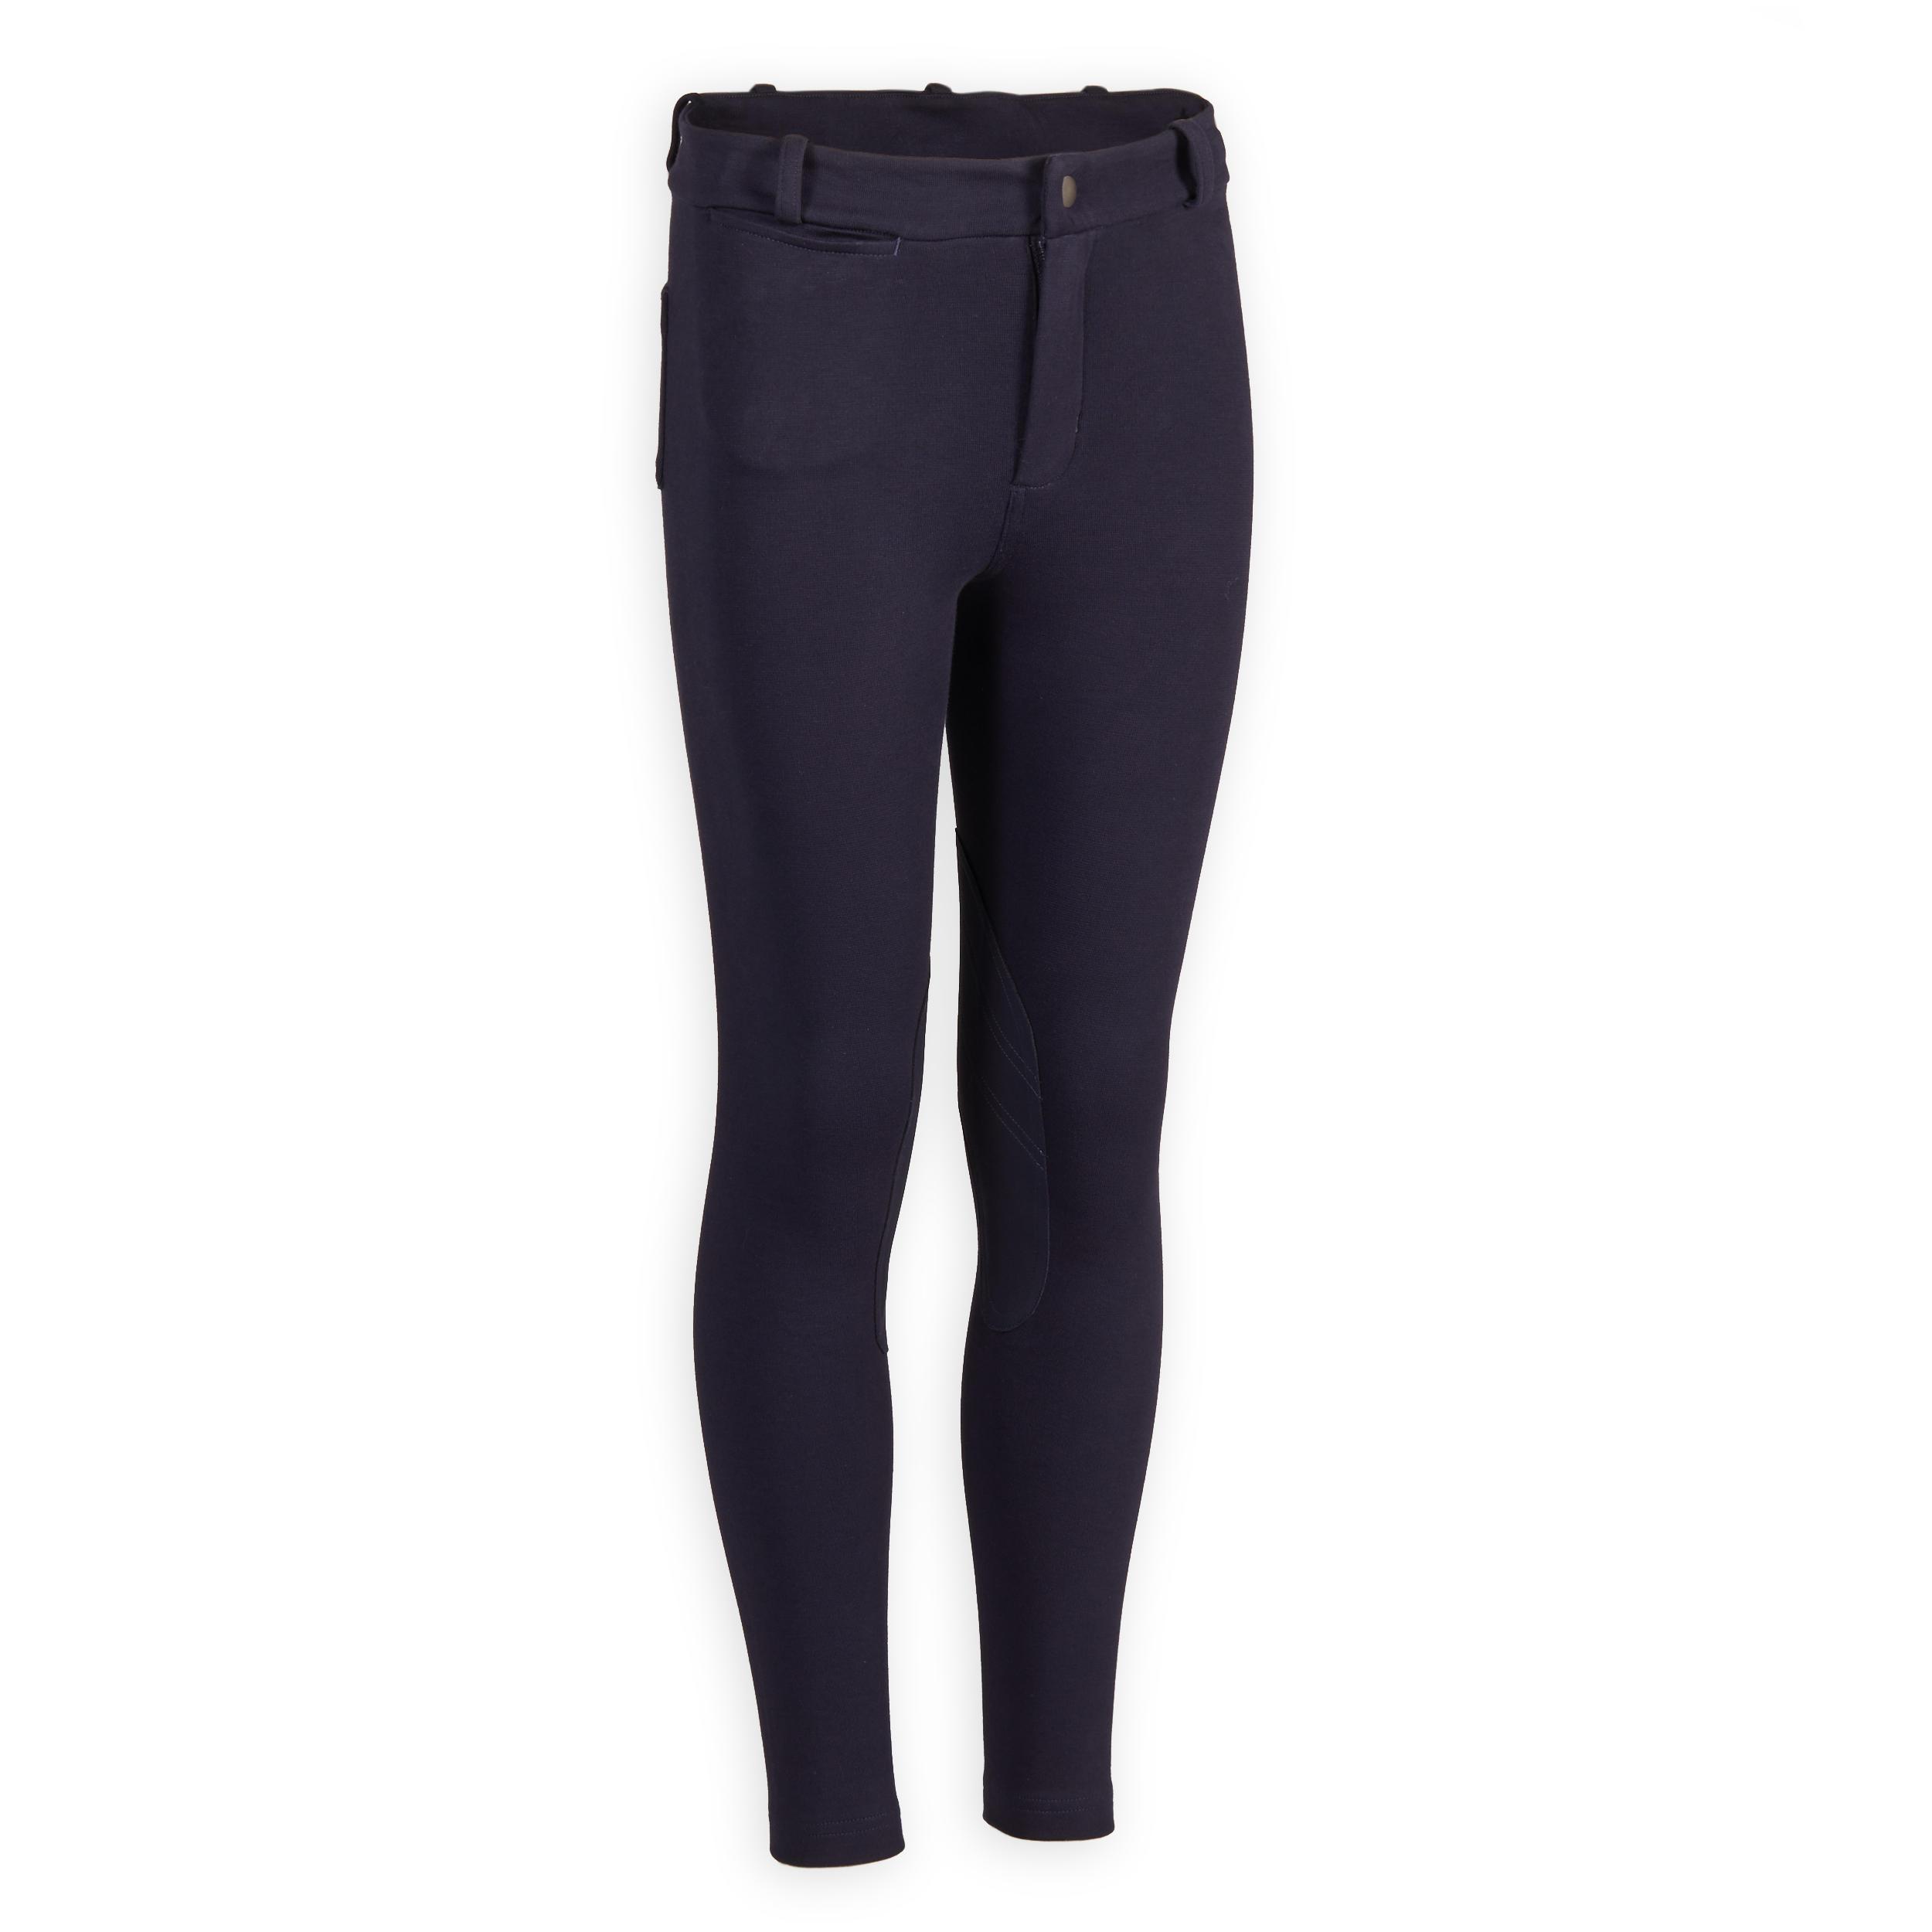 Pantalon 140 bleumarin bărbaţi imagine